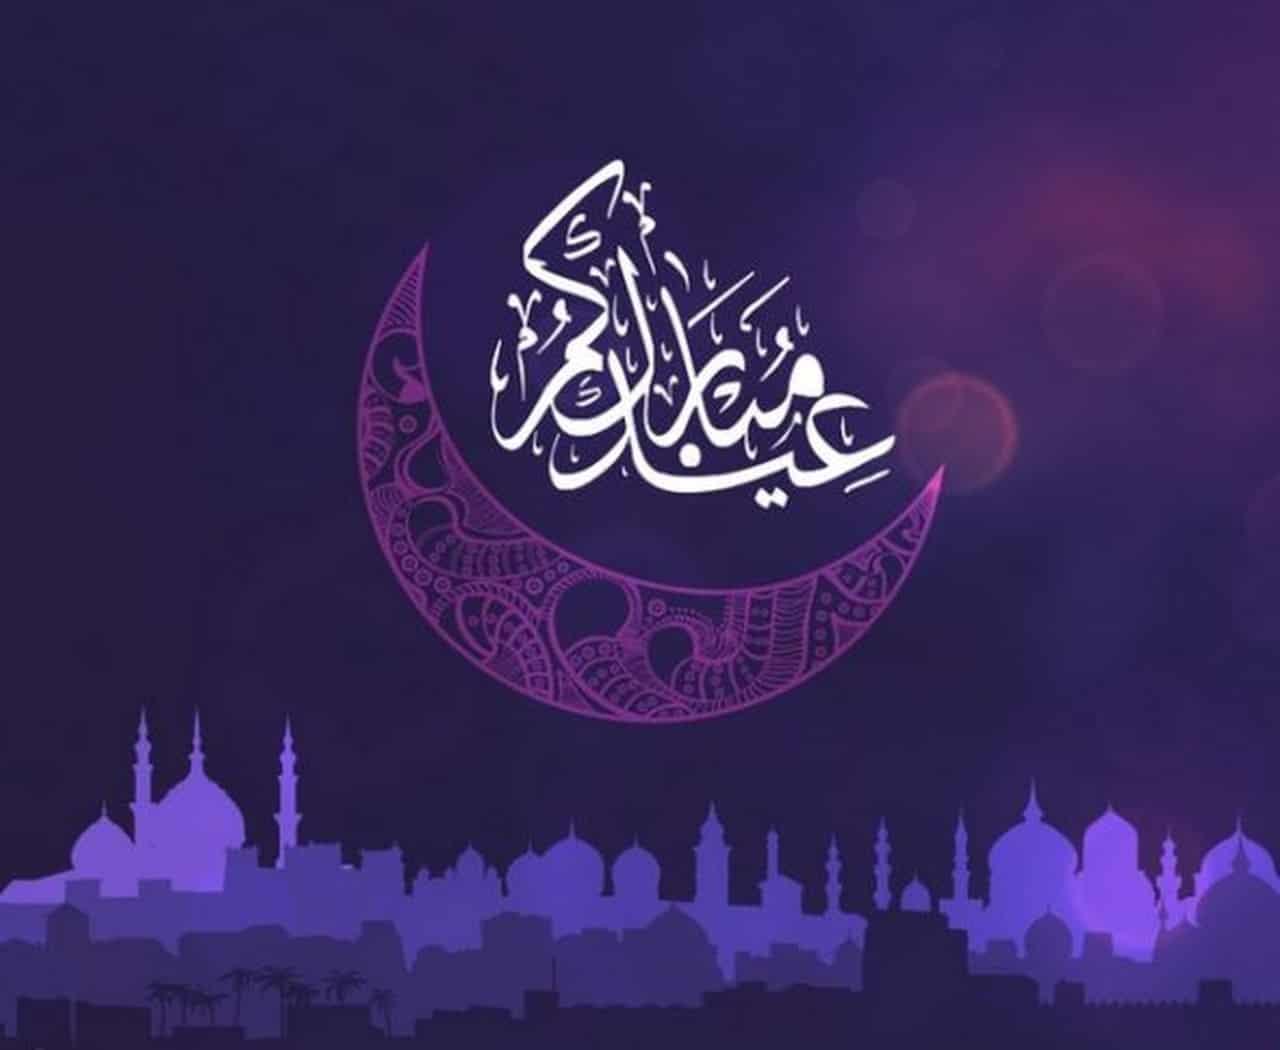 عيدكم مبارك - تهنئة بعيد الاضحي المبارك لحالات الواتساب